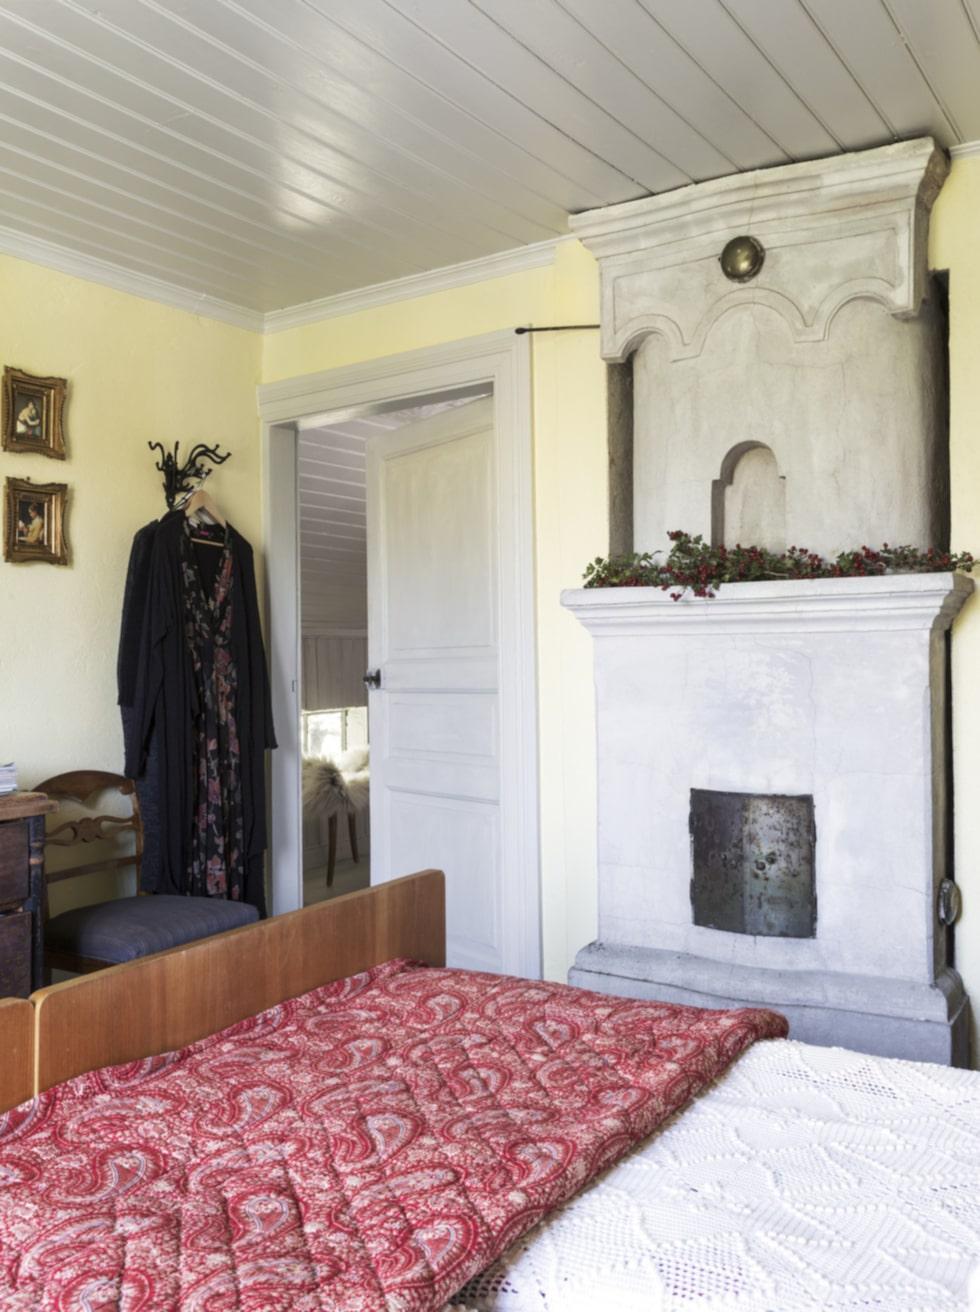 Sovrum. Sovrummet går i gult och grått. Den grå färgen är genomgående i hela ovanvåningen. Maries mormor har virkat de vita sängöverkasten.